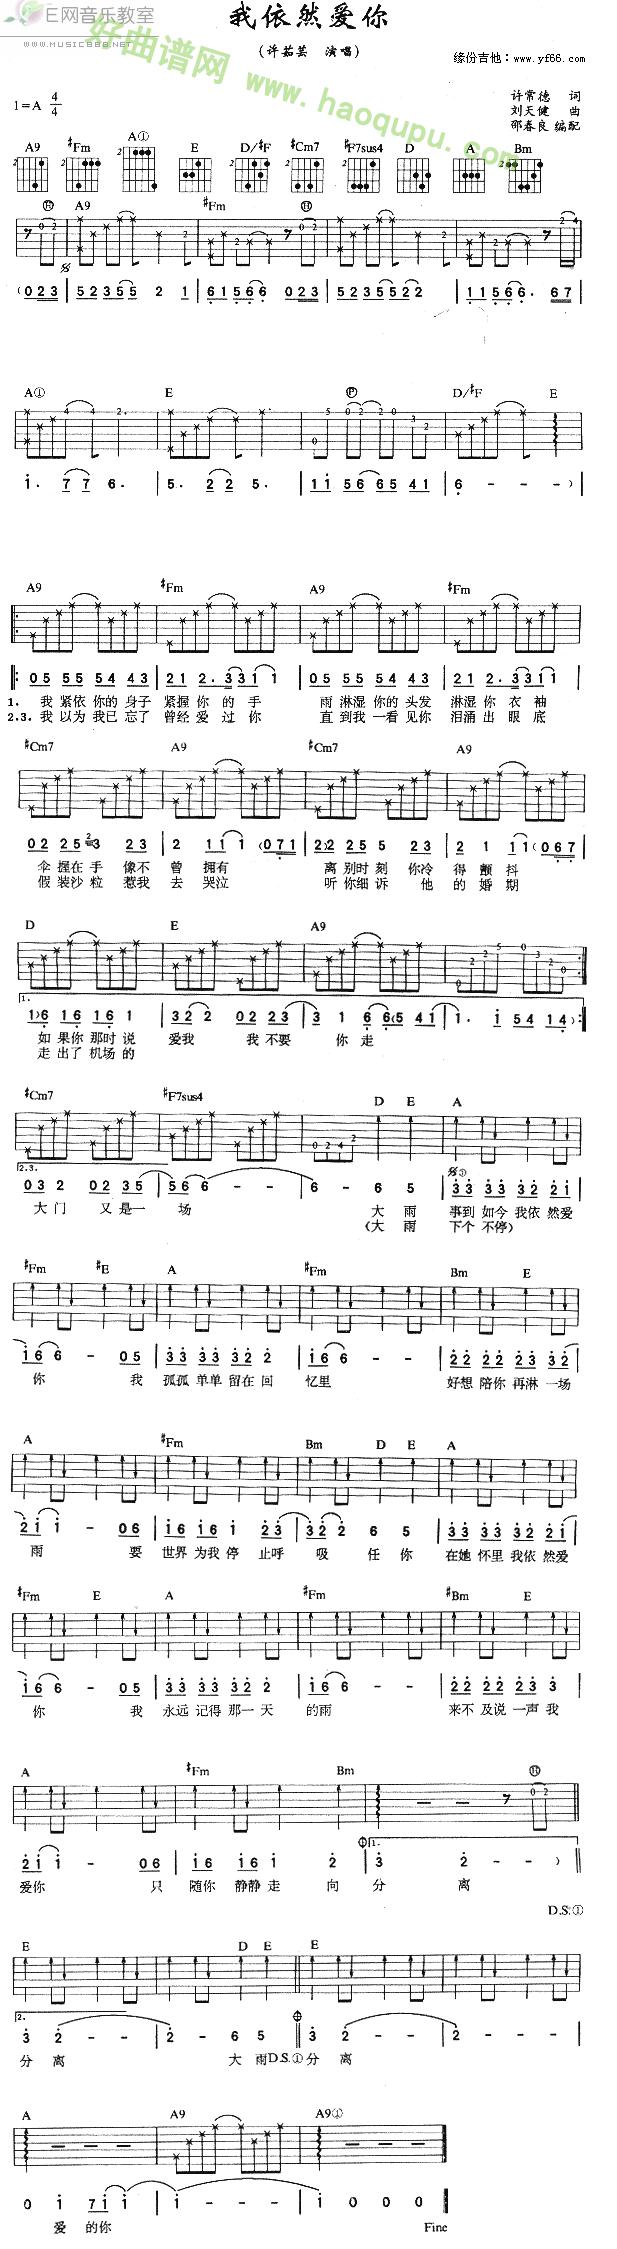 茹芸演唱) - 吉他谱